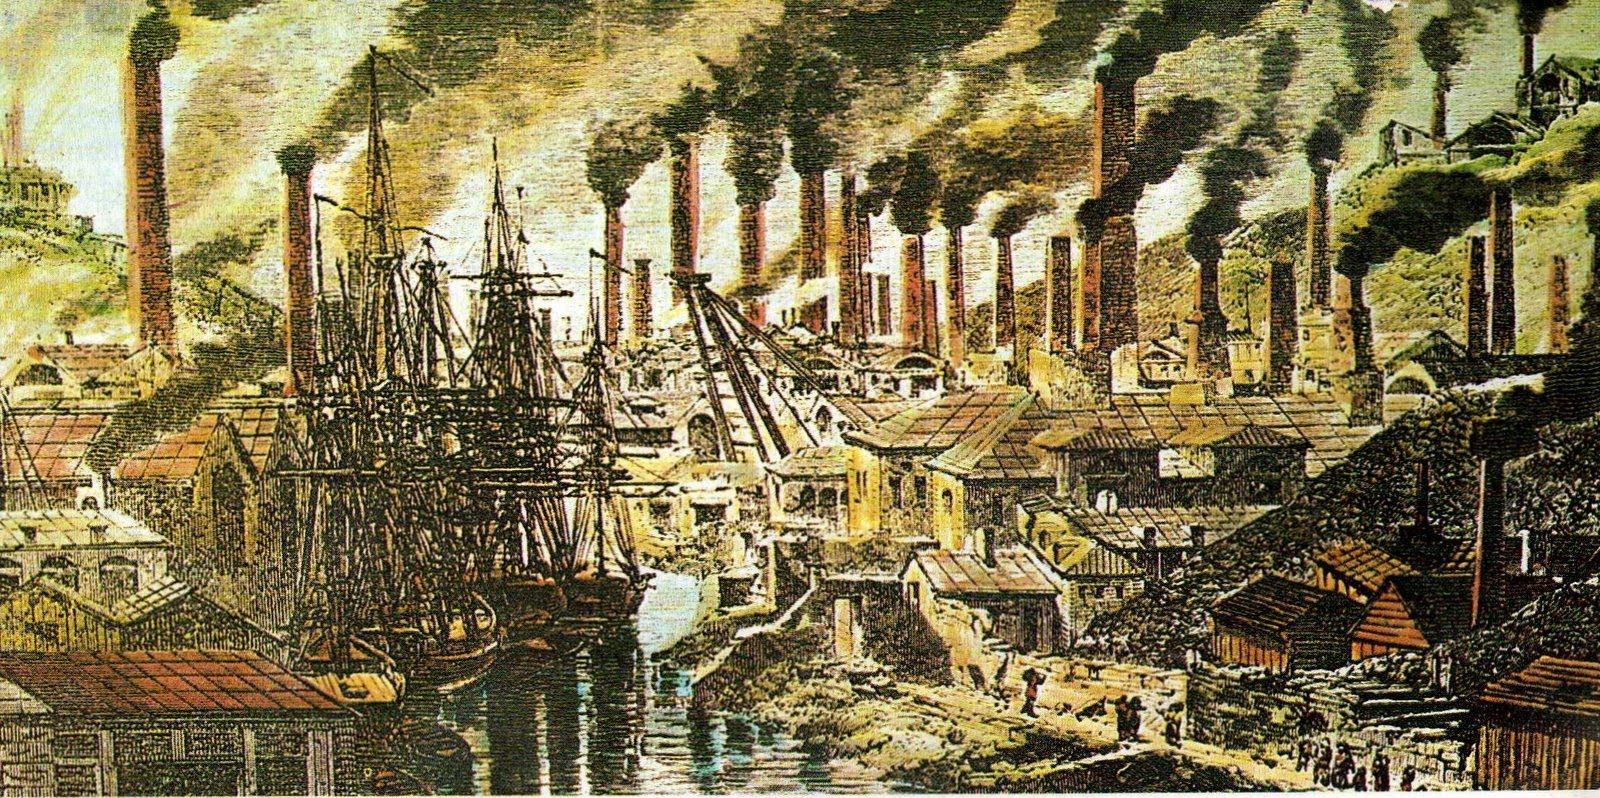 La Revolución industrial: cereales refinados y carnes que provienen del pienso